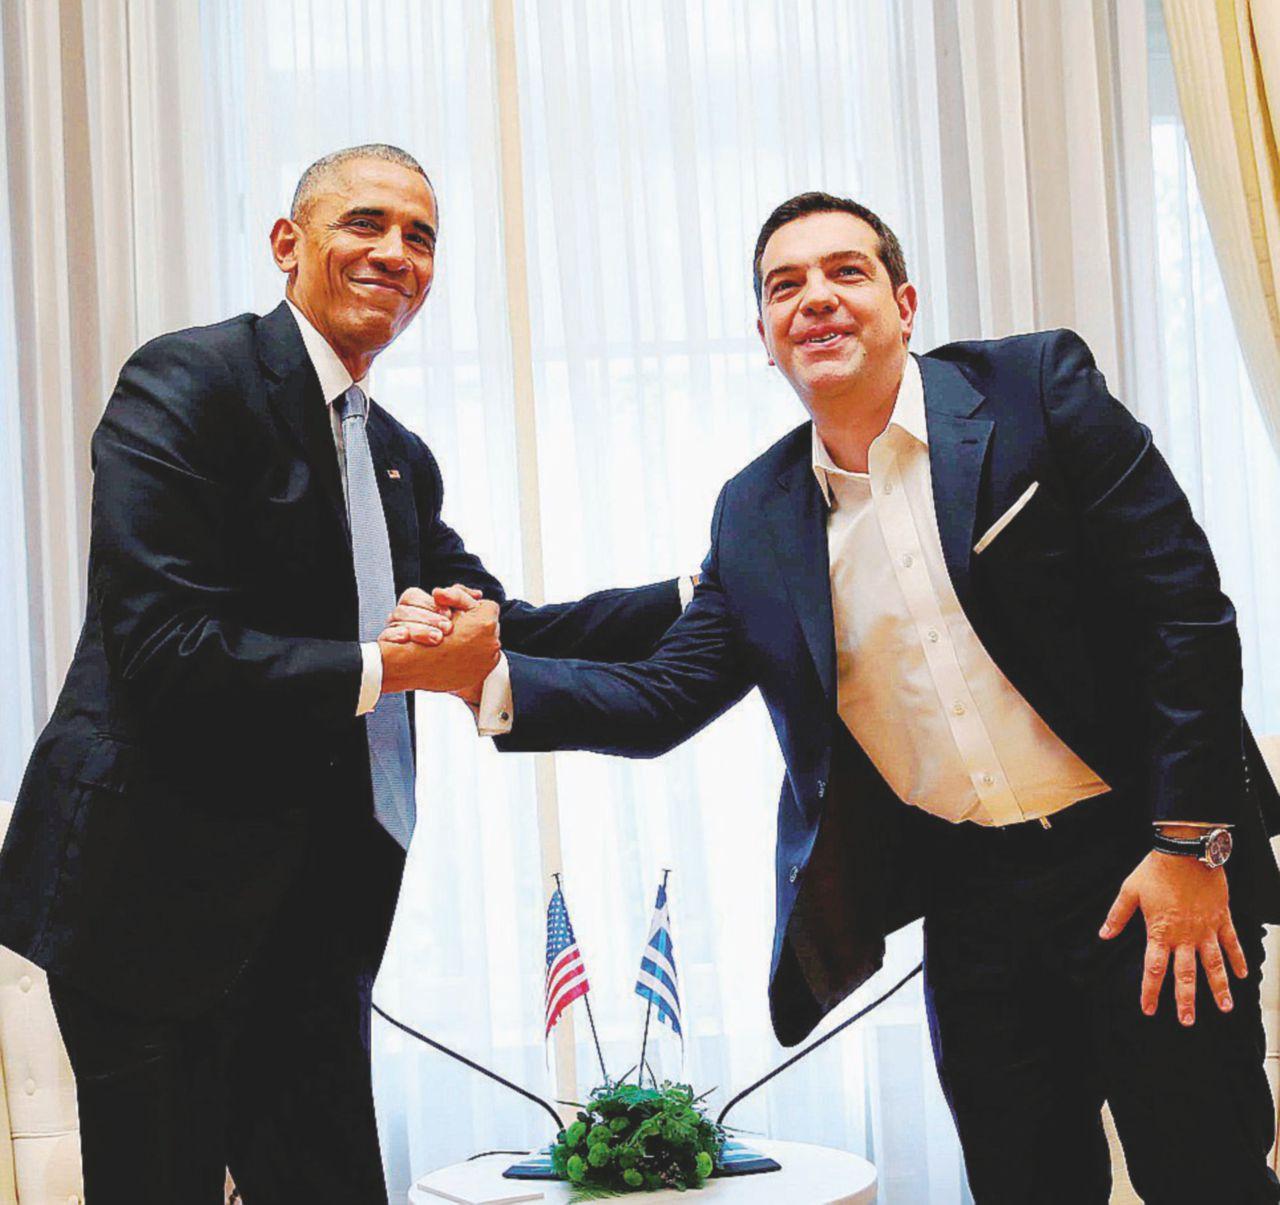 Obama saluta da statista illuminato con i guai altrui